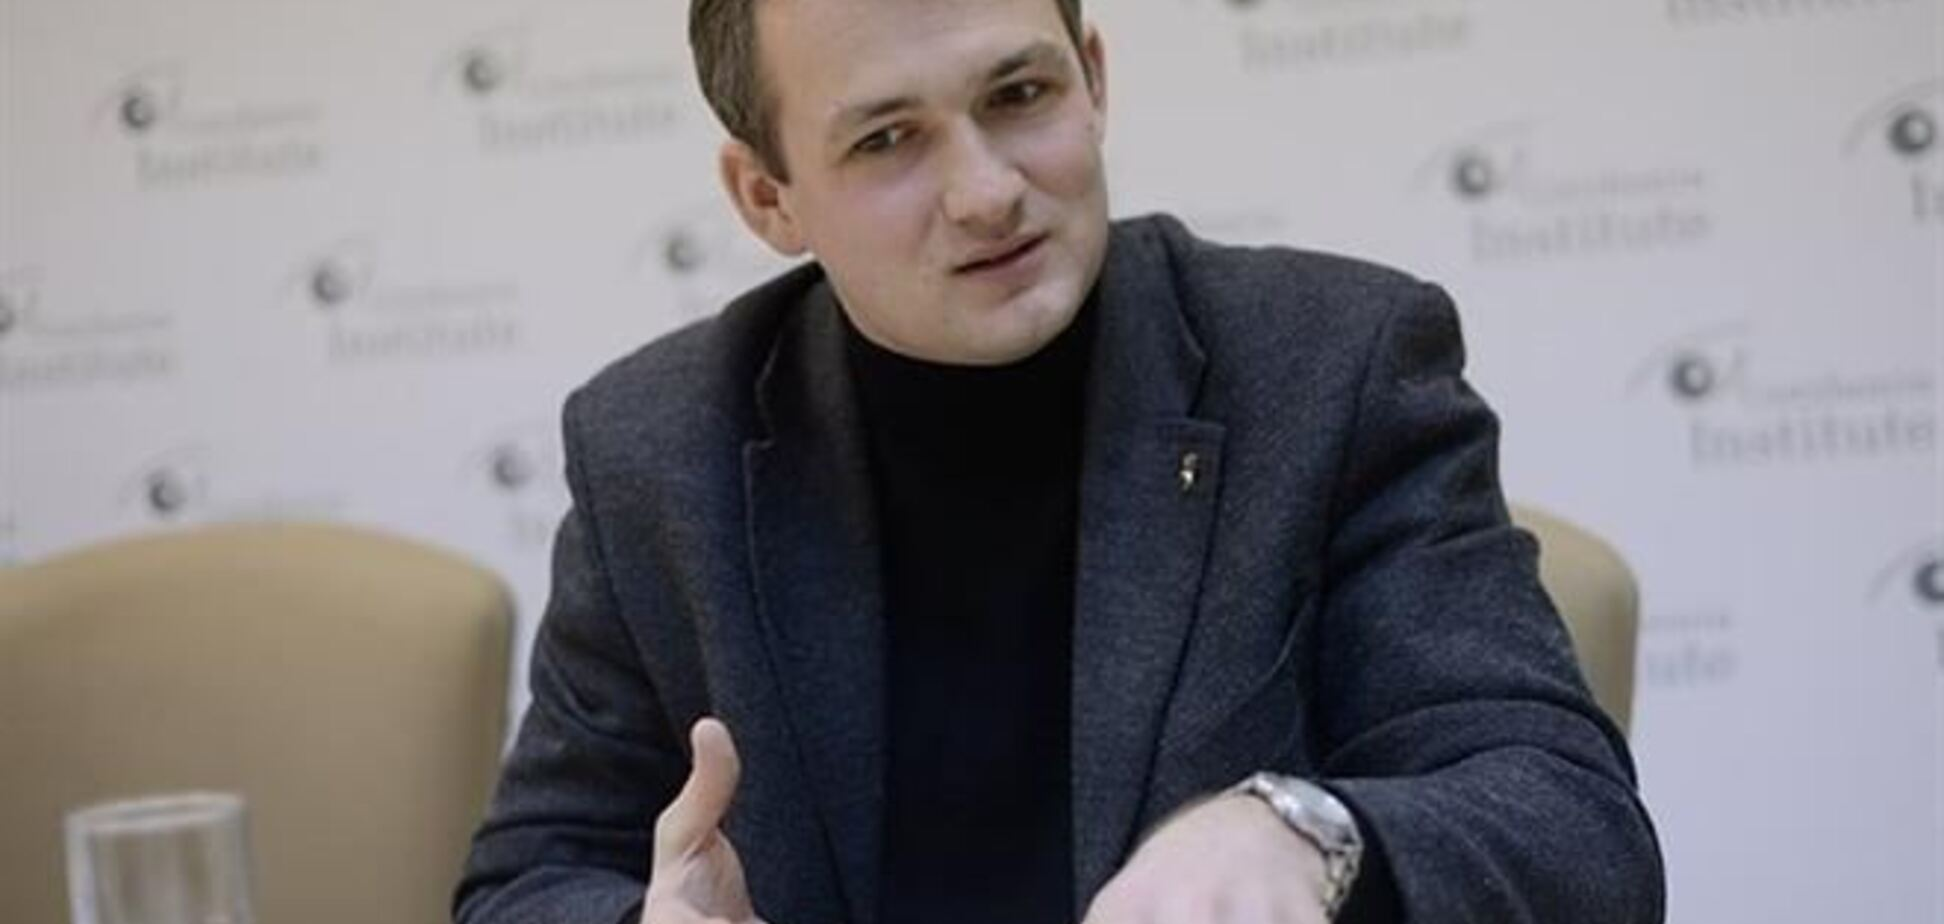 Левченко через суд намерен обжаловать результаты перевыборов в 223 округе